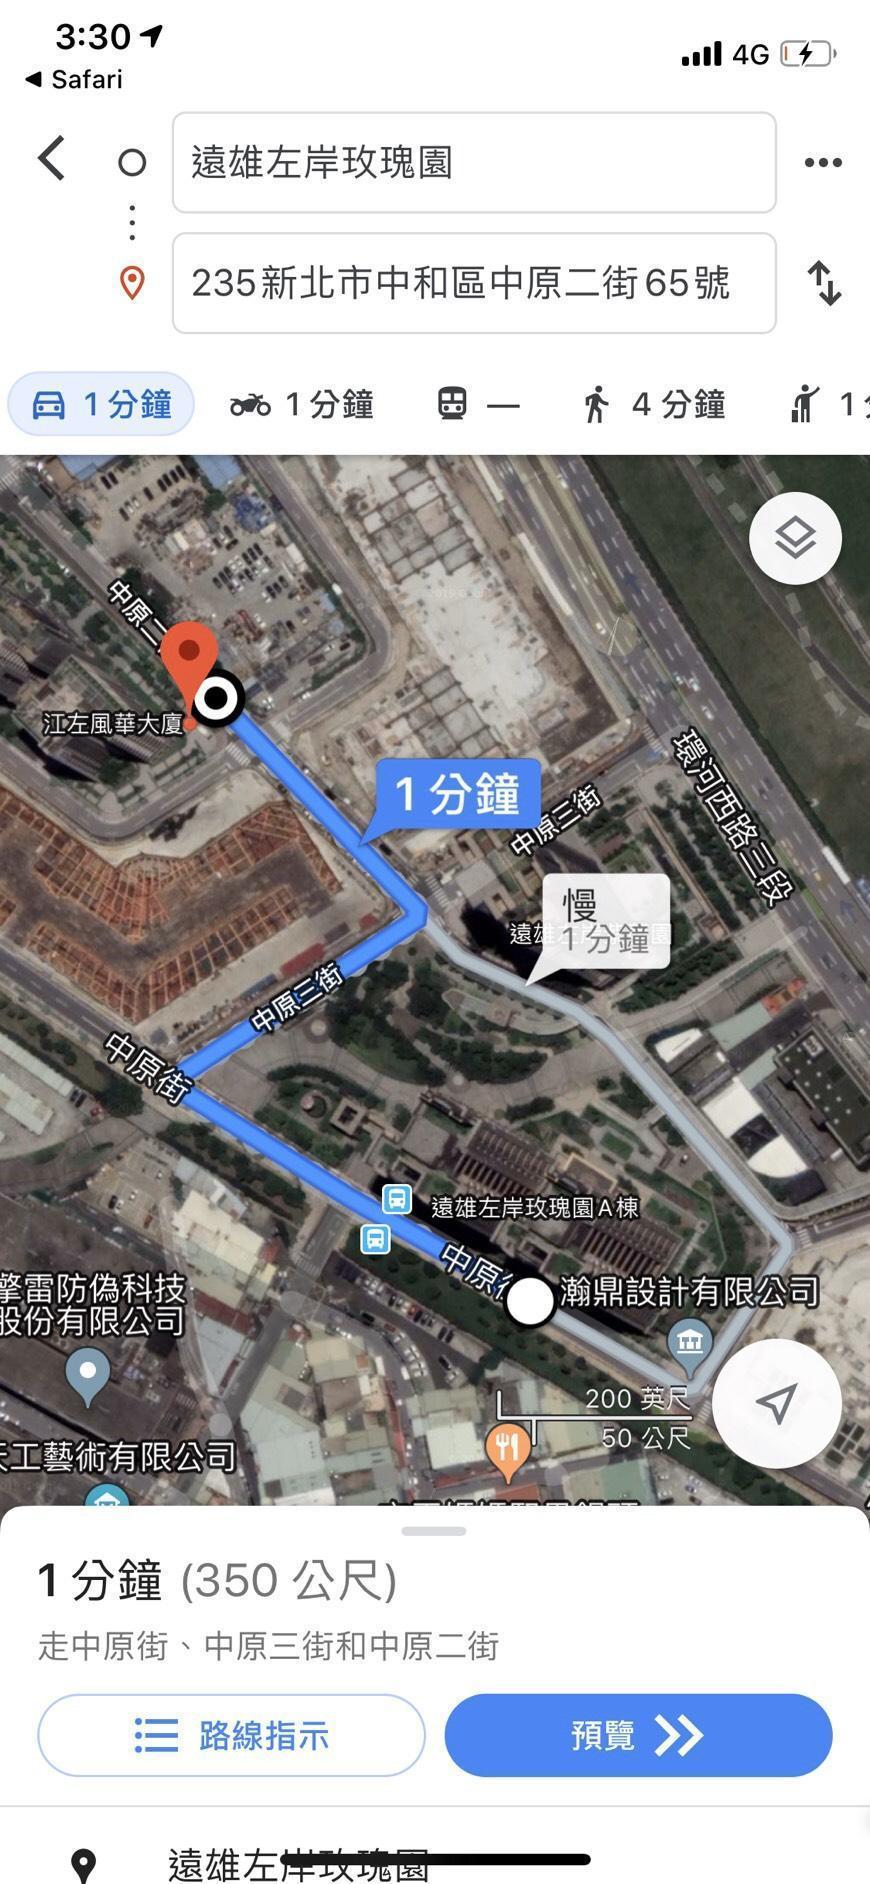 翁子涵所居住的豪宅,與連千毅被捕之處僅350公尺之距。(讀者提供)